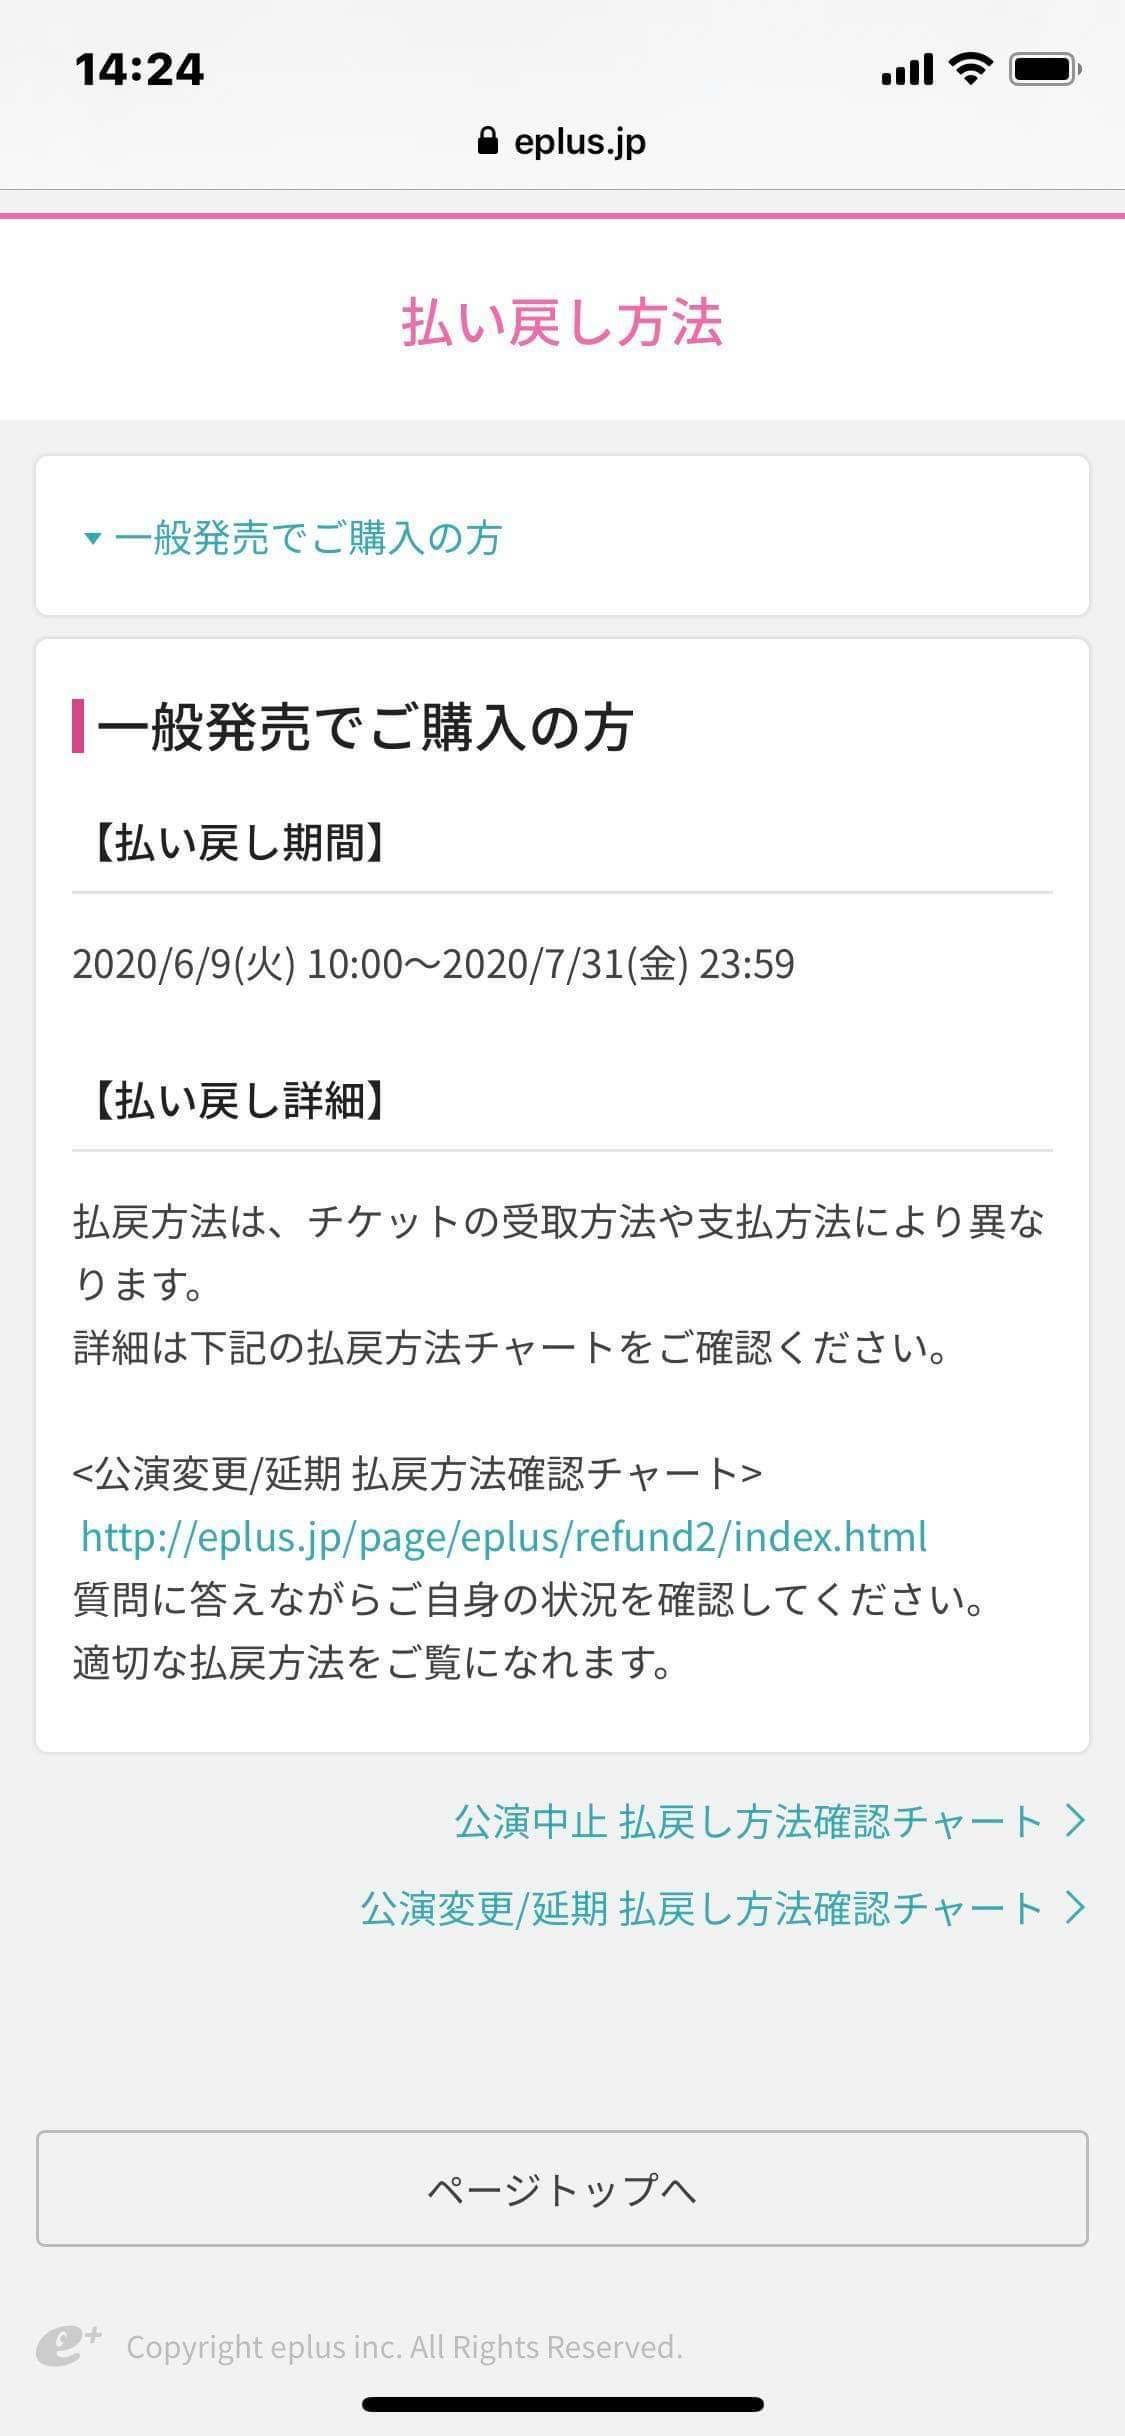 苦渋の決断…でも infixワンマンライブ延期・30thカウントダウンへ!_b0183113_17275507.jpeg